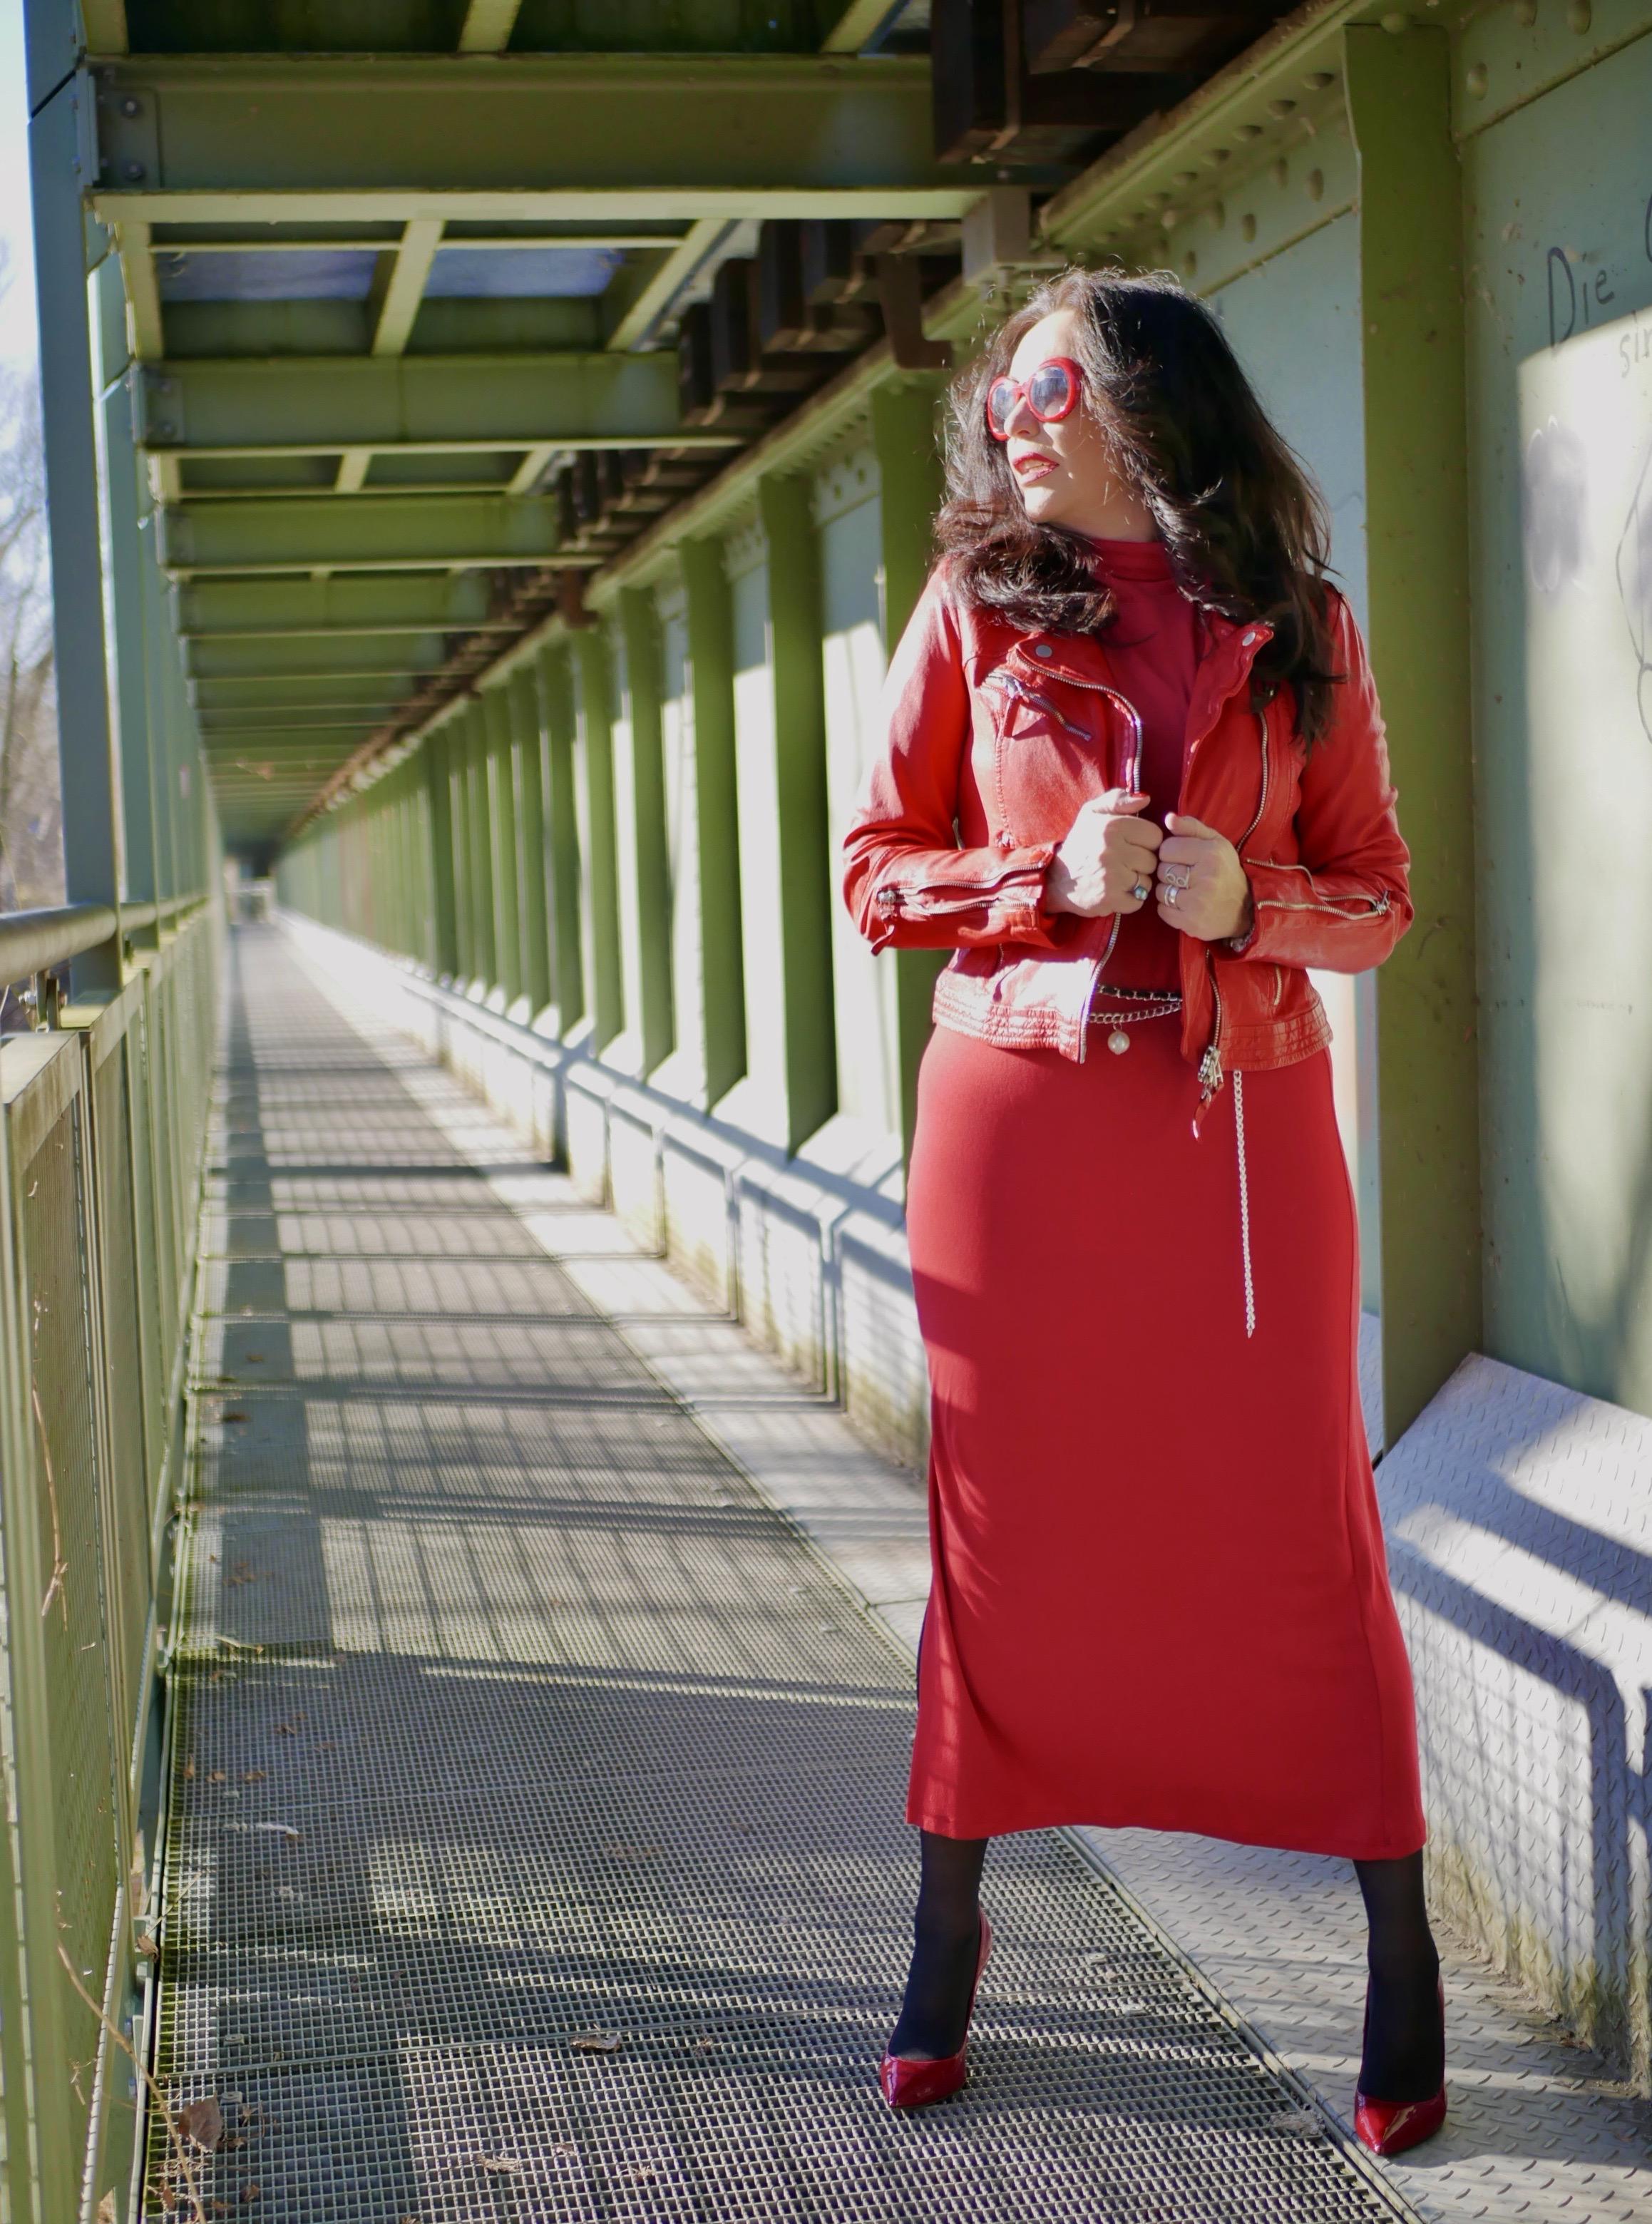 Freaky Nation Jacket, red dress Mango, Chanel belt, Chanel shades, Nine West shoes, mystyle, ageless fashion, streetstyle, streetfashion, style for ladies, red look, fashionblog Augsburg, cochastyle, Lederjacke